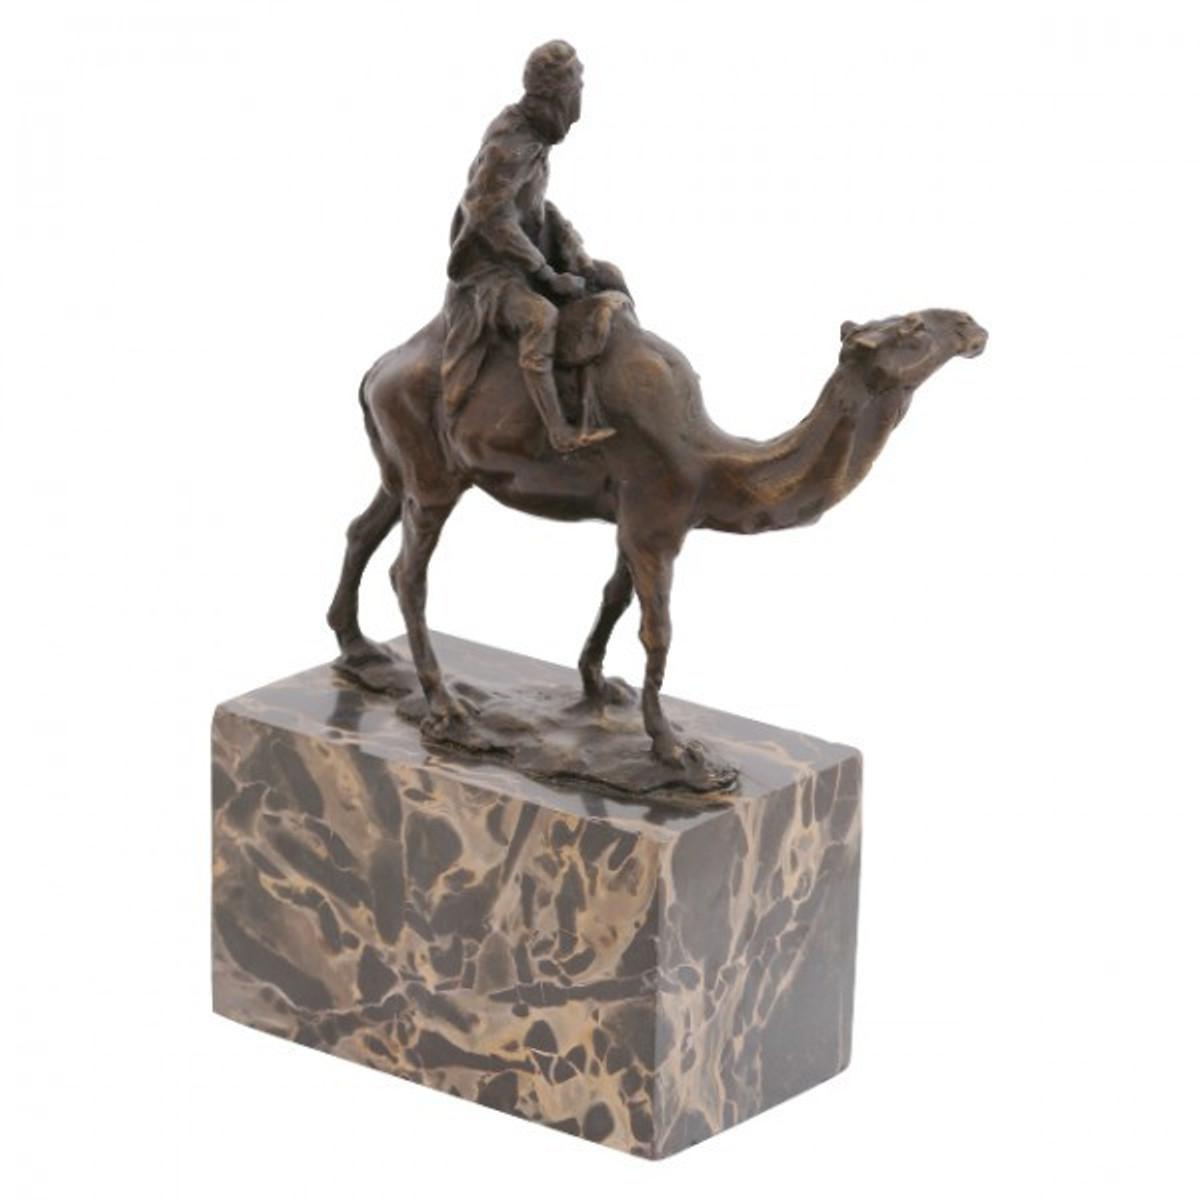 Orientalische Deko aus Bronze , die einen Beduinen Reiter auf Dromedar zeigt.